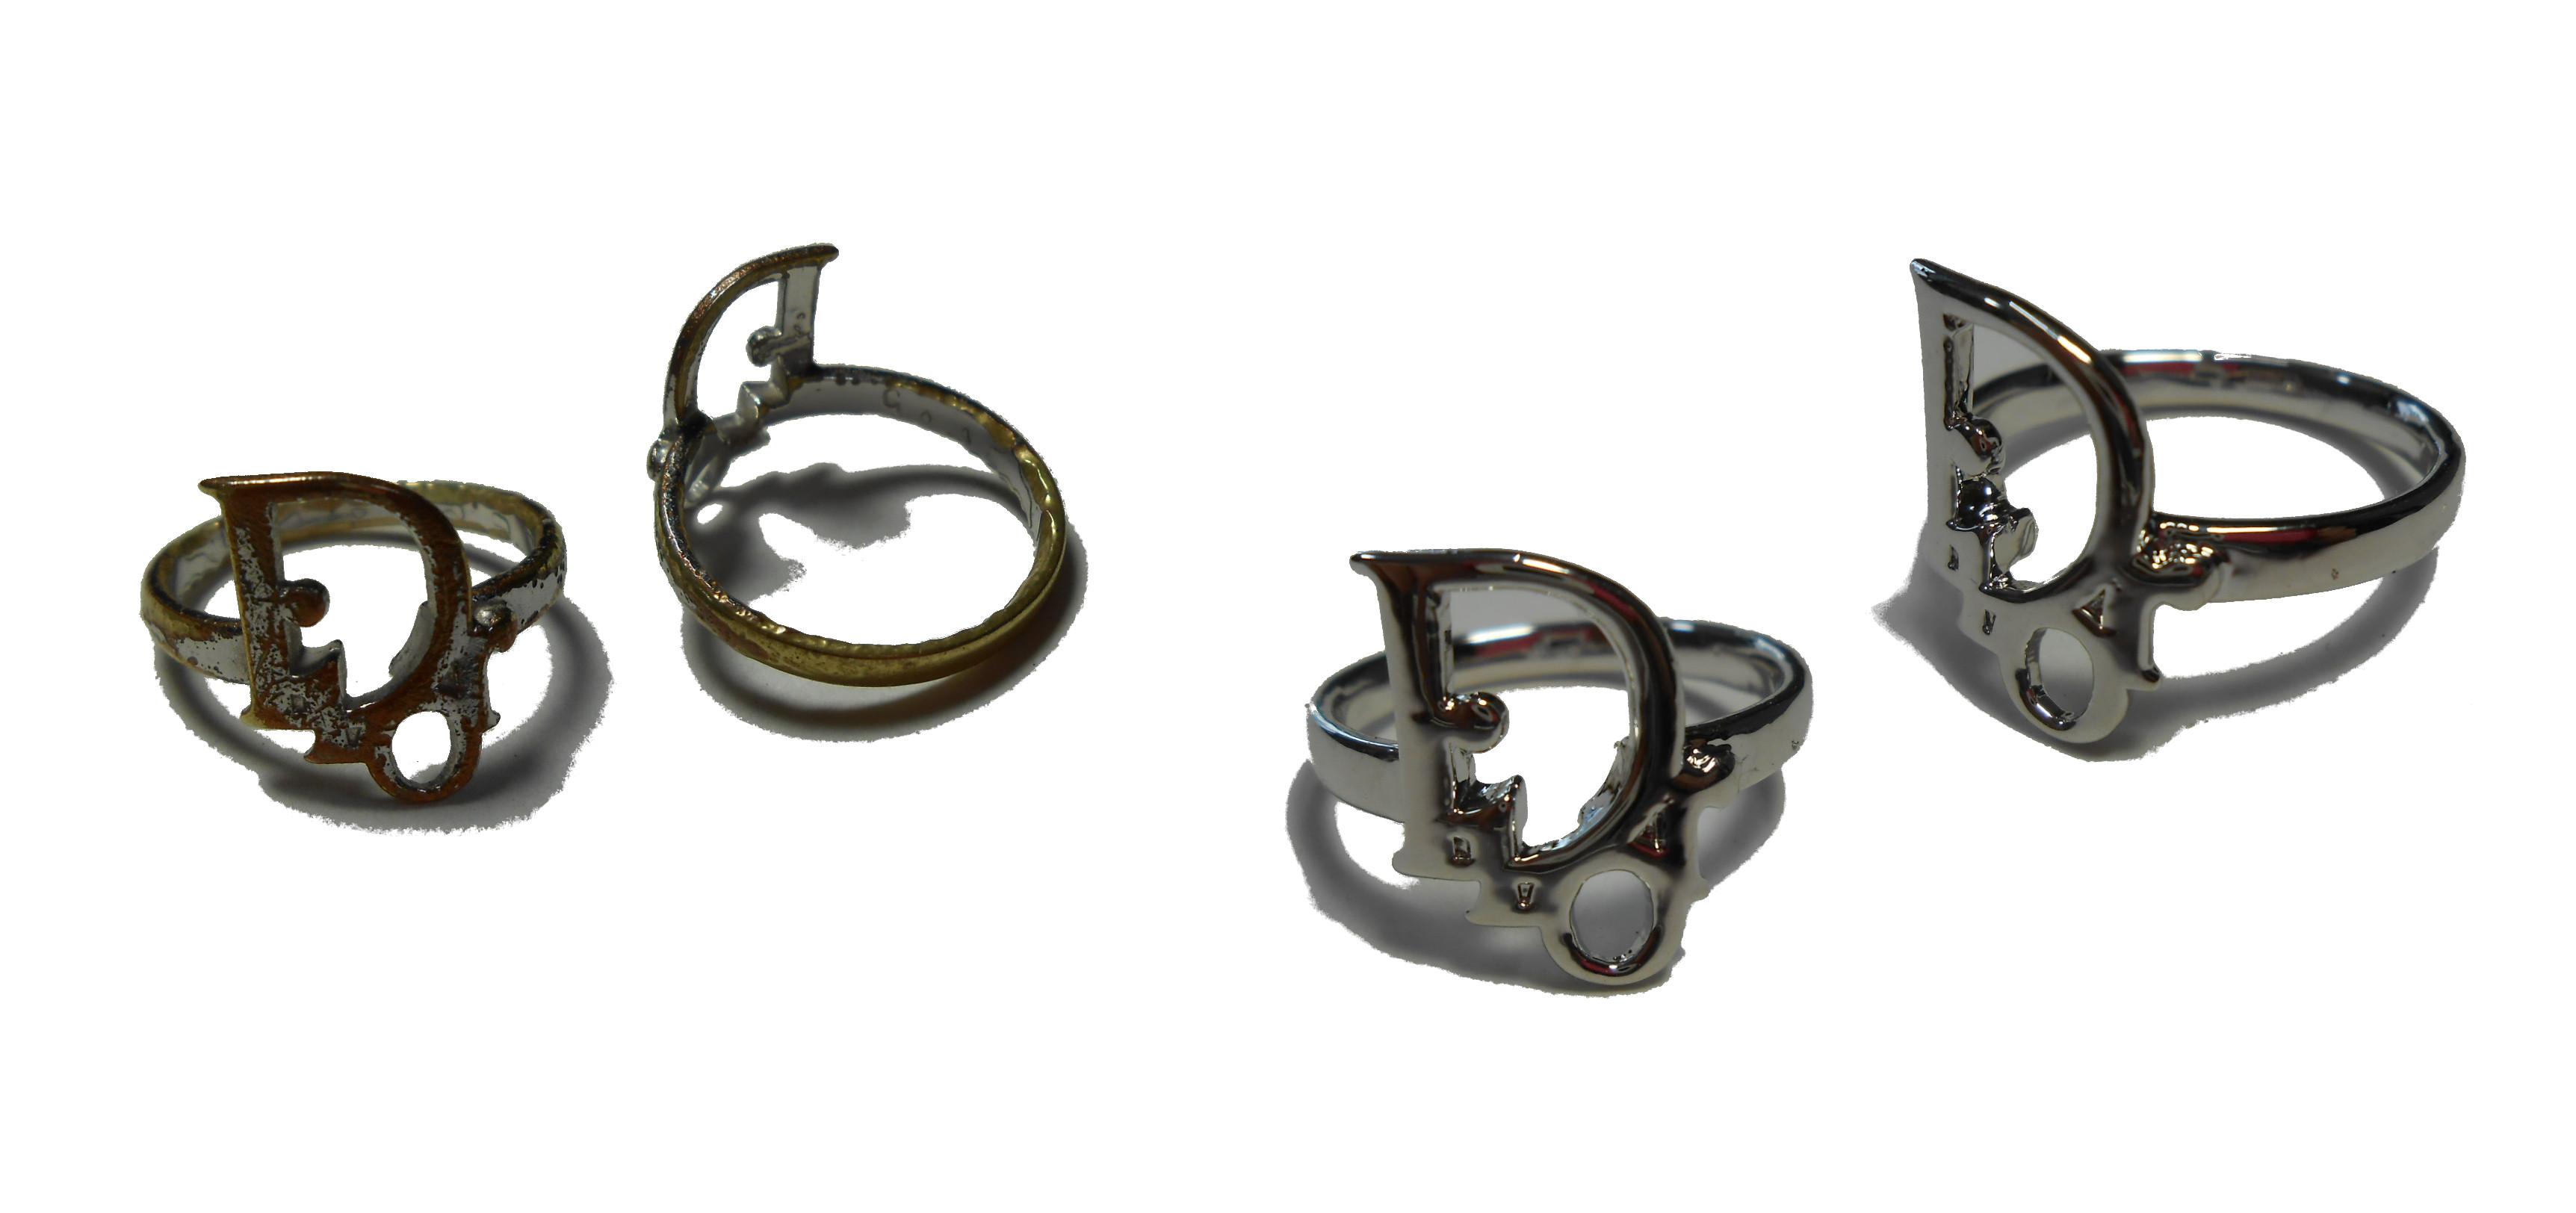 メッキの指輪のメッキ剥がれ腐食の修理を行います。